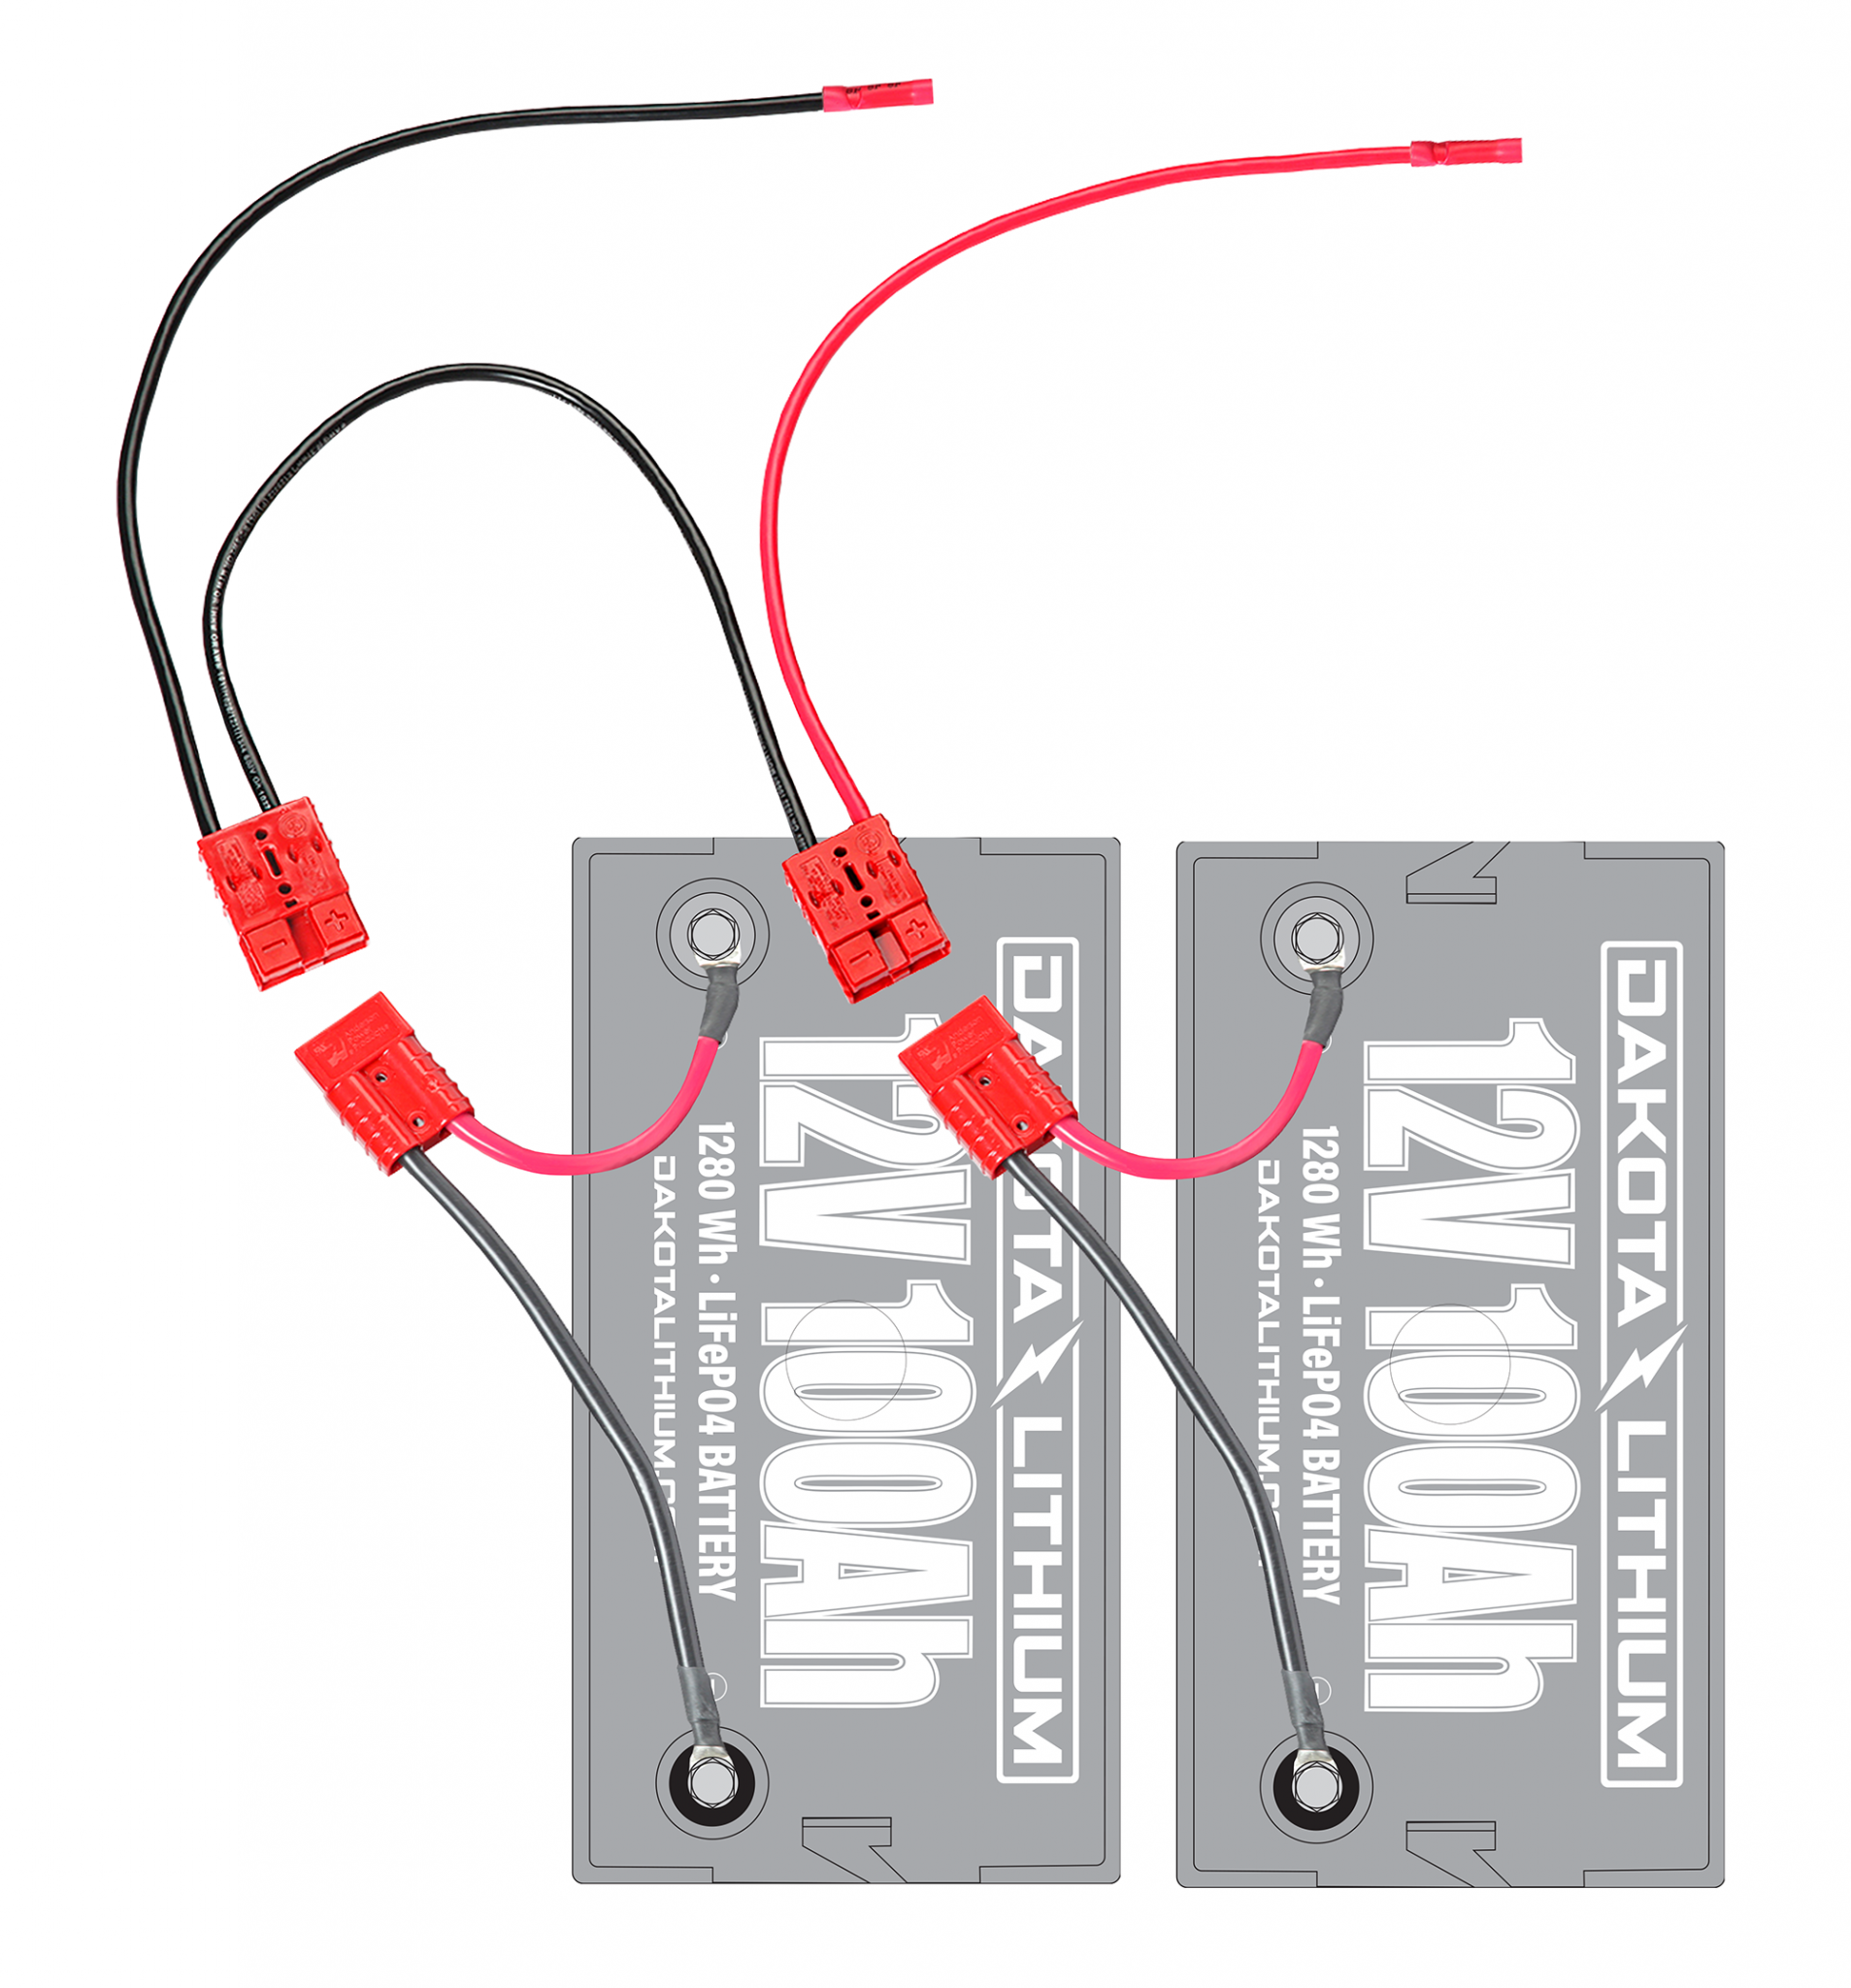 24 Volt Trolling Motor Connection Kit